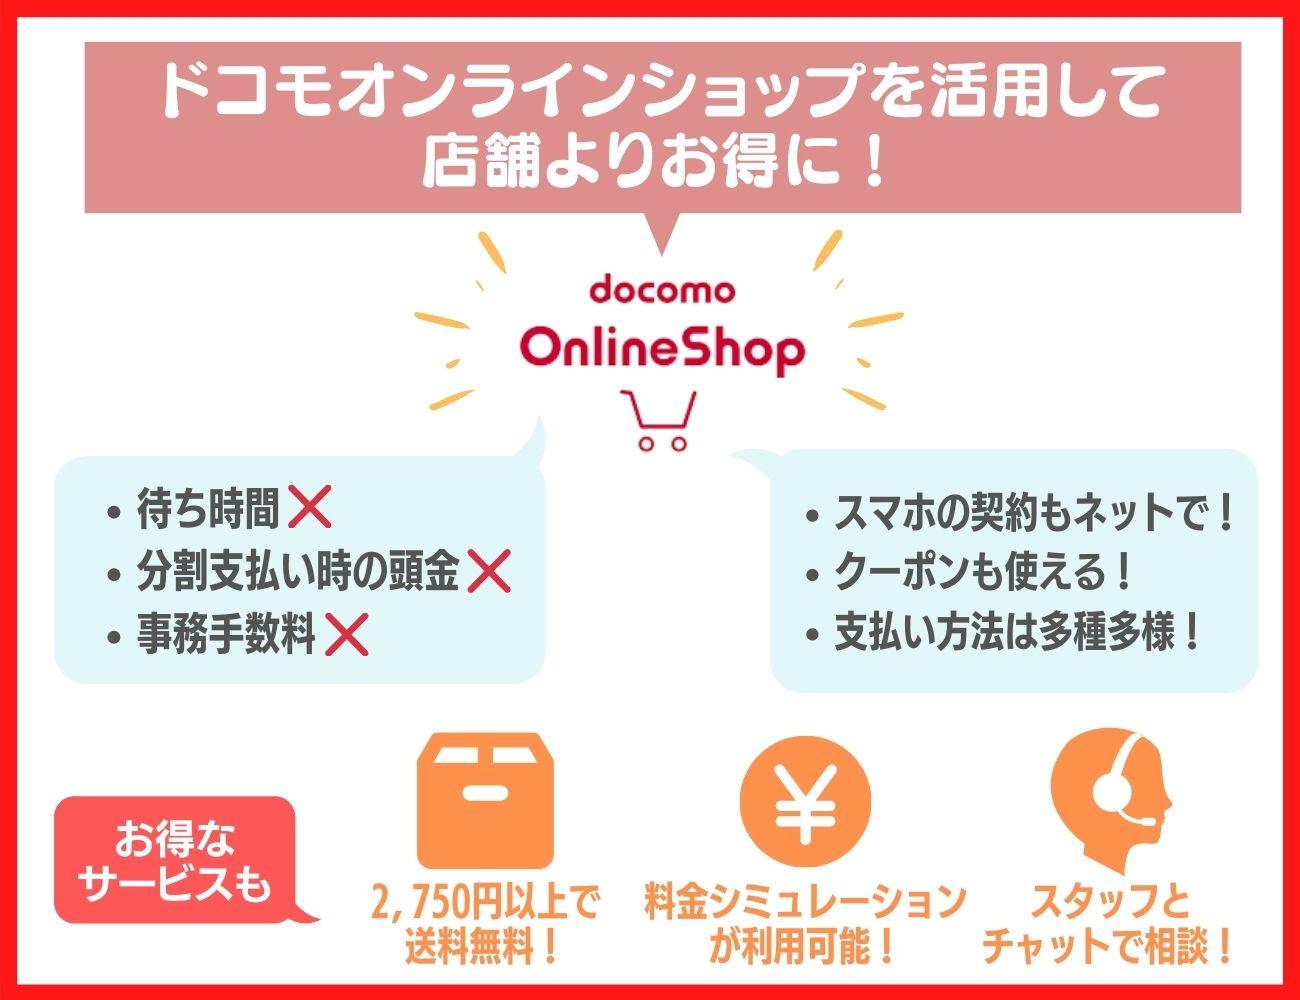 店舗よりお得で便利なドコモオンラインショップを活用しよう!